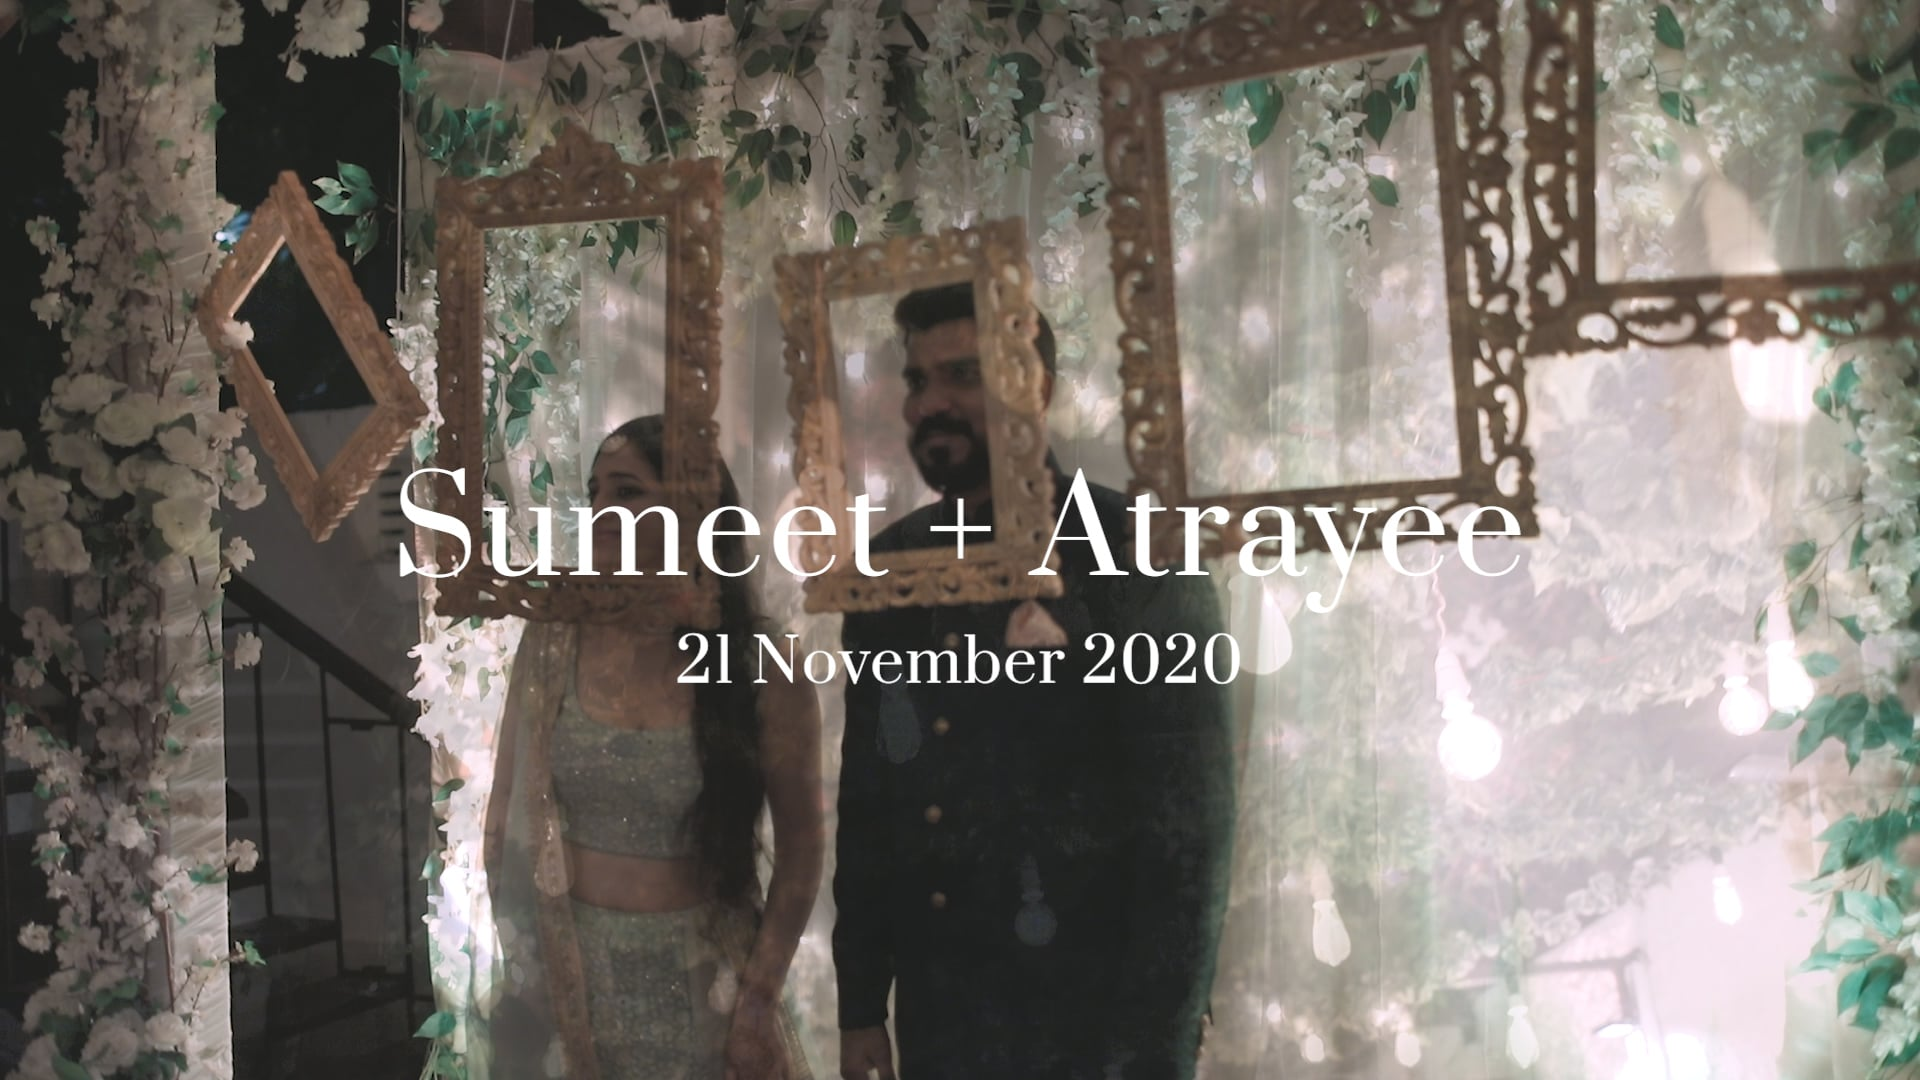 Sumeet + Atrayee